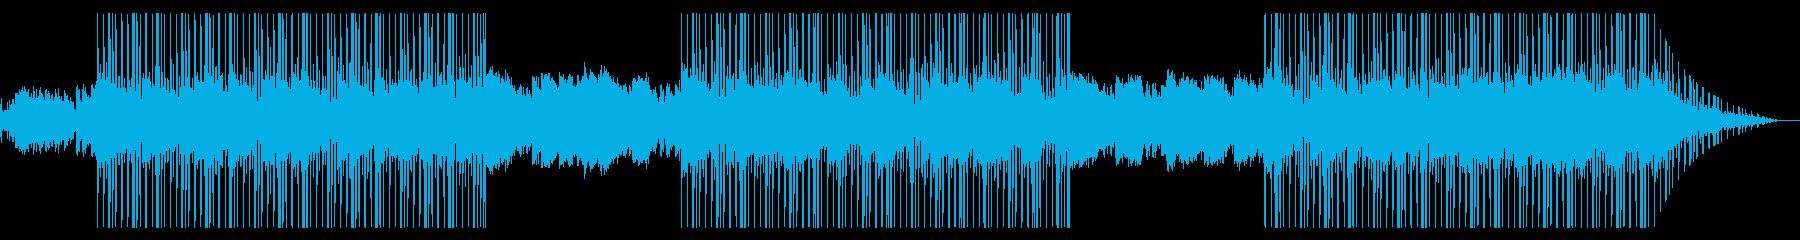 雨が降る東京 ギター 三味線 ローファイの再生済みの波形